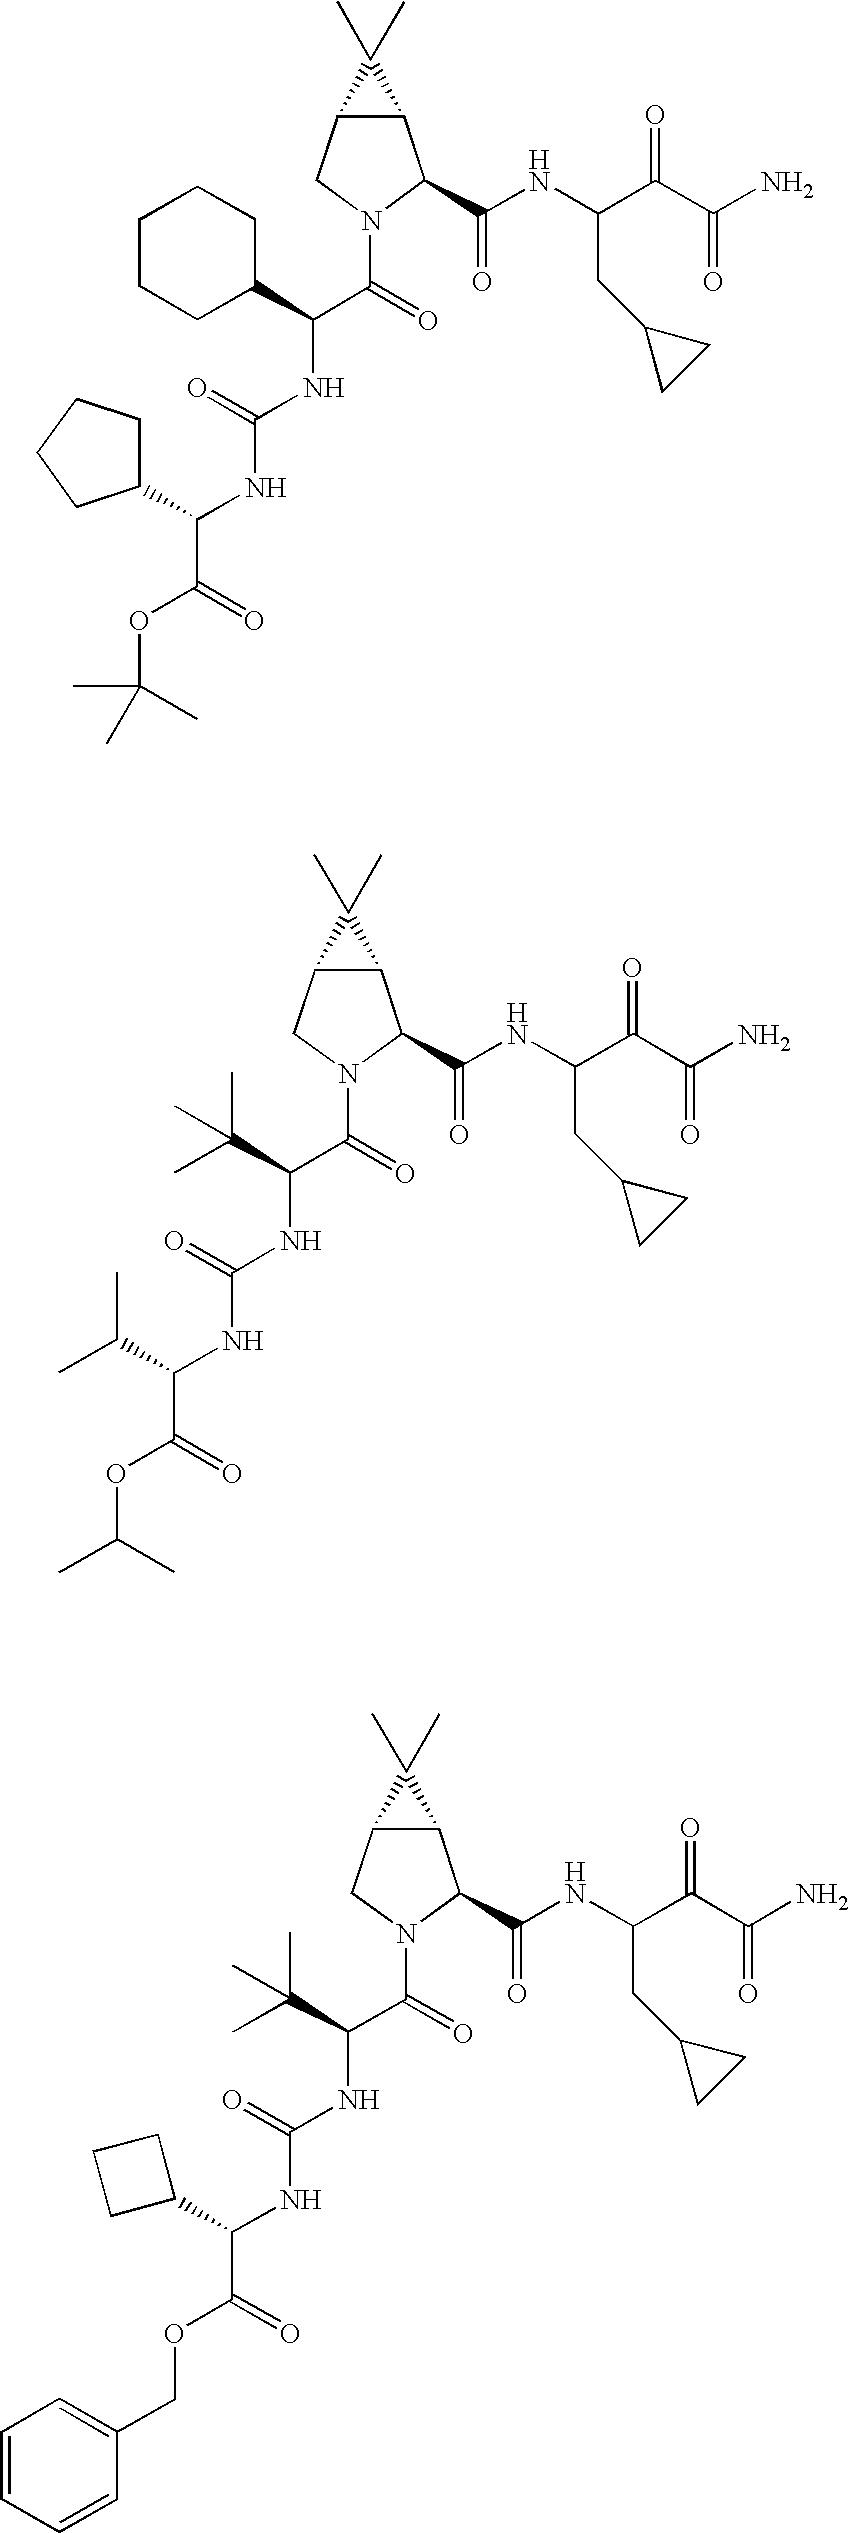 Figure US20060287248A1-20061221-C00249